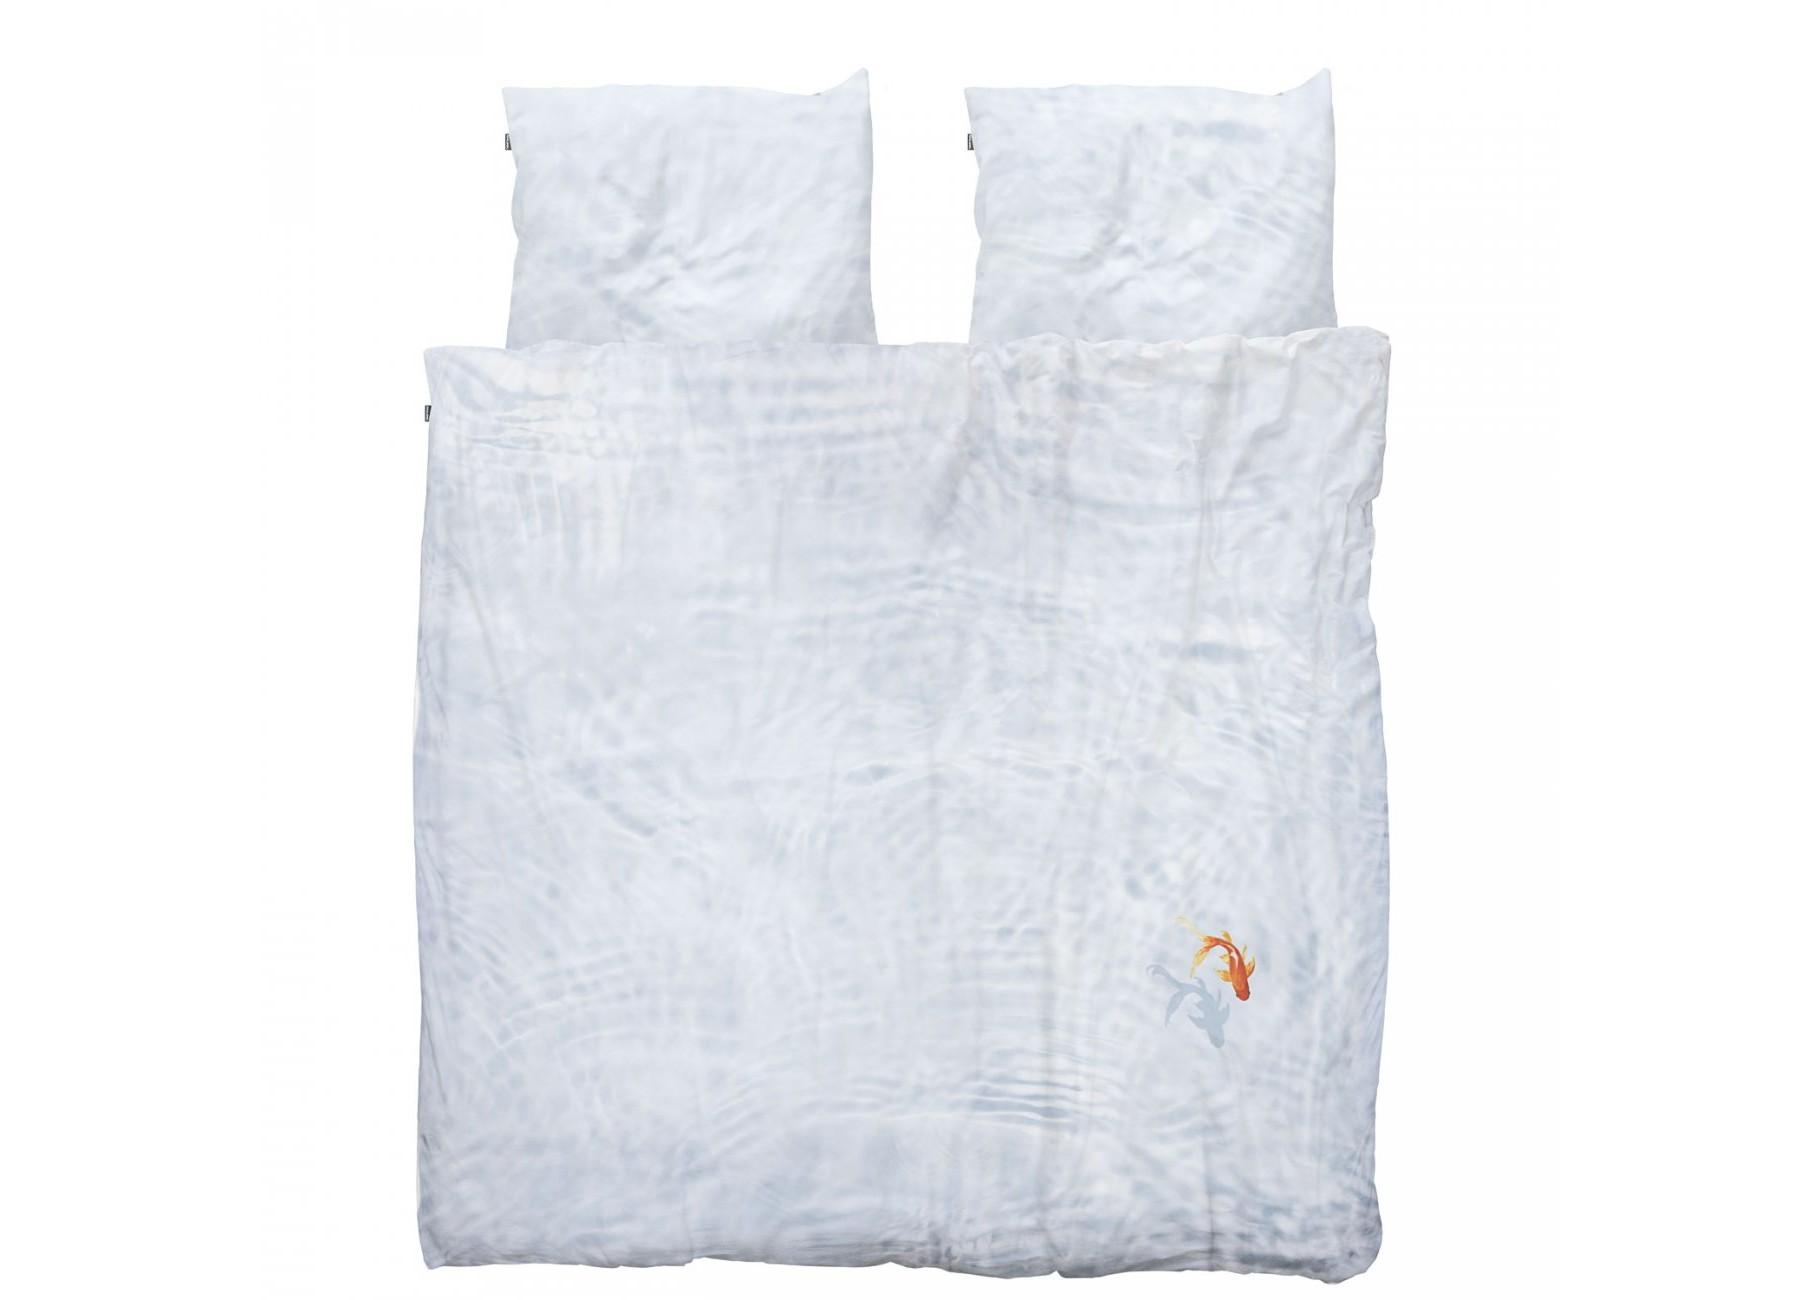 Комплект постельного белья Рыбка БэссиДвуспальные комплекты постельного белья<br>Прямо из пруда на заднем дворе рыбка Бэсси решила переехать на ваше одеяло. Кристальные волны на мягком натуральном хлопке убаюкают любого.&amp;amp;nbsp;&amp;lt;div&amp;gt;&amp;lt;br&amp;gt;&amp;lt;/div&amp;gt;&amp;lt;div&amp;gt;Материал: 100% хлопок ПЕРКАЛЬ (плотность ткани 214г/м2).&amp;lt;div&amp;gt;&amp;lt;span style=&amp;quot;line-height: 1.78571;&amp;quot;&amp;gt;В комплект входит: пододеяльник 200х220см - 1 шт, наволочка 50х70см - 2 шт.&amp;lt;/span&amp;gt;&amp;lt;br&amp;gt;&amp;lt;/div&amp;gt;&amp;lt;/div&amp;gt;<br><br>Material: Хлопок<br>Ширина см: 200